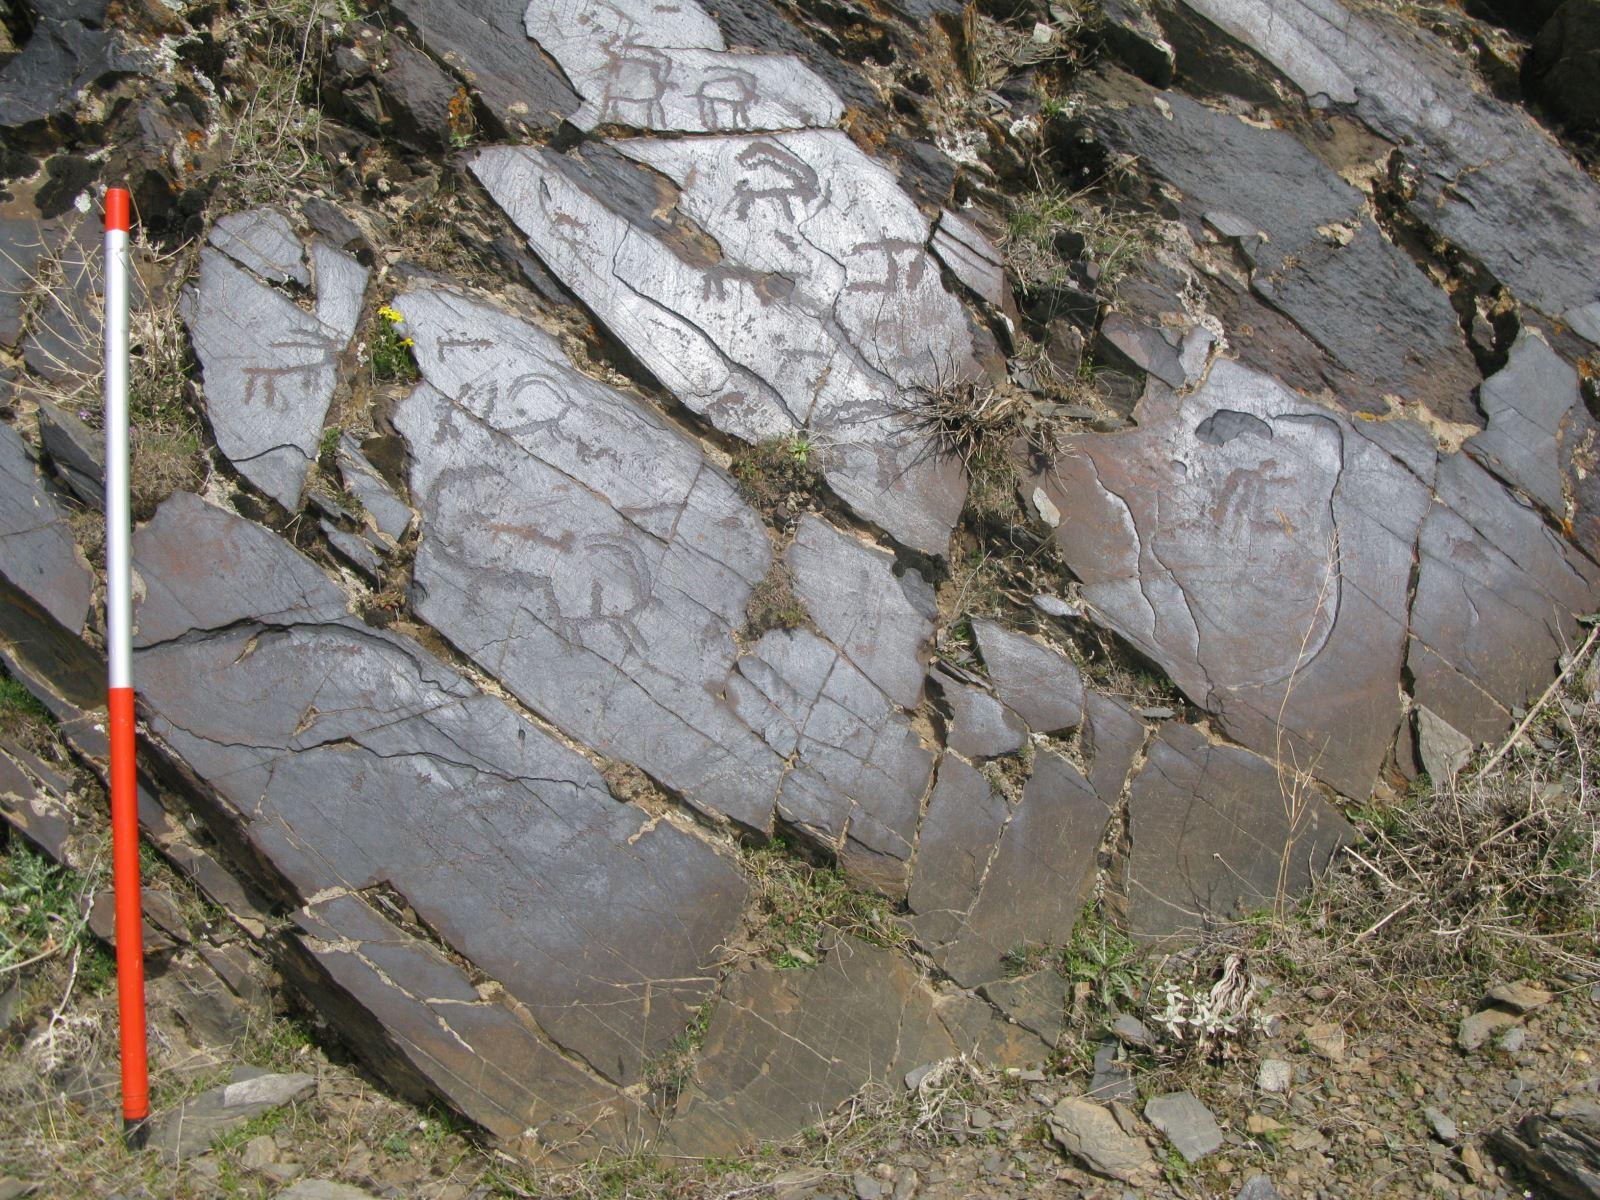 یکی از بزرگترین سنگ نگاره های ایران شناسایی شد